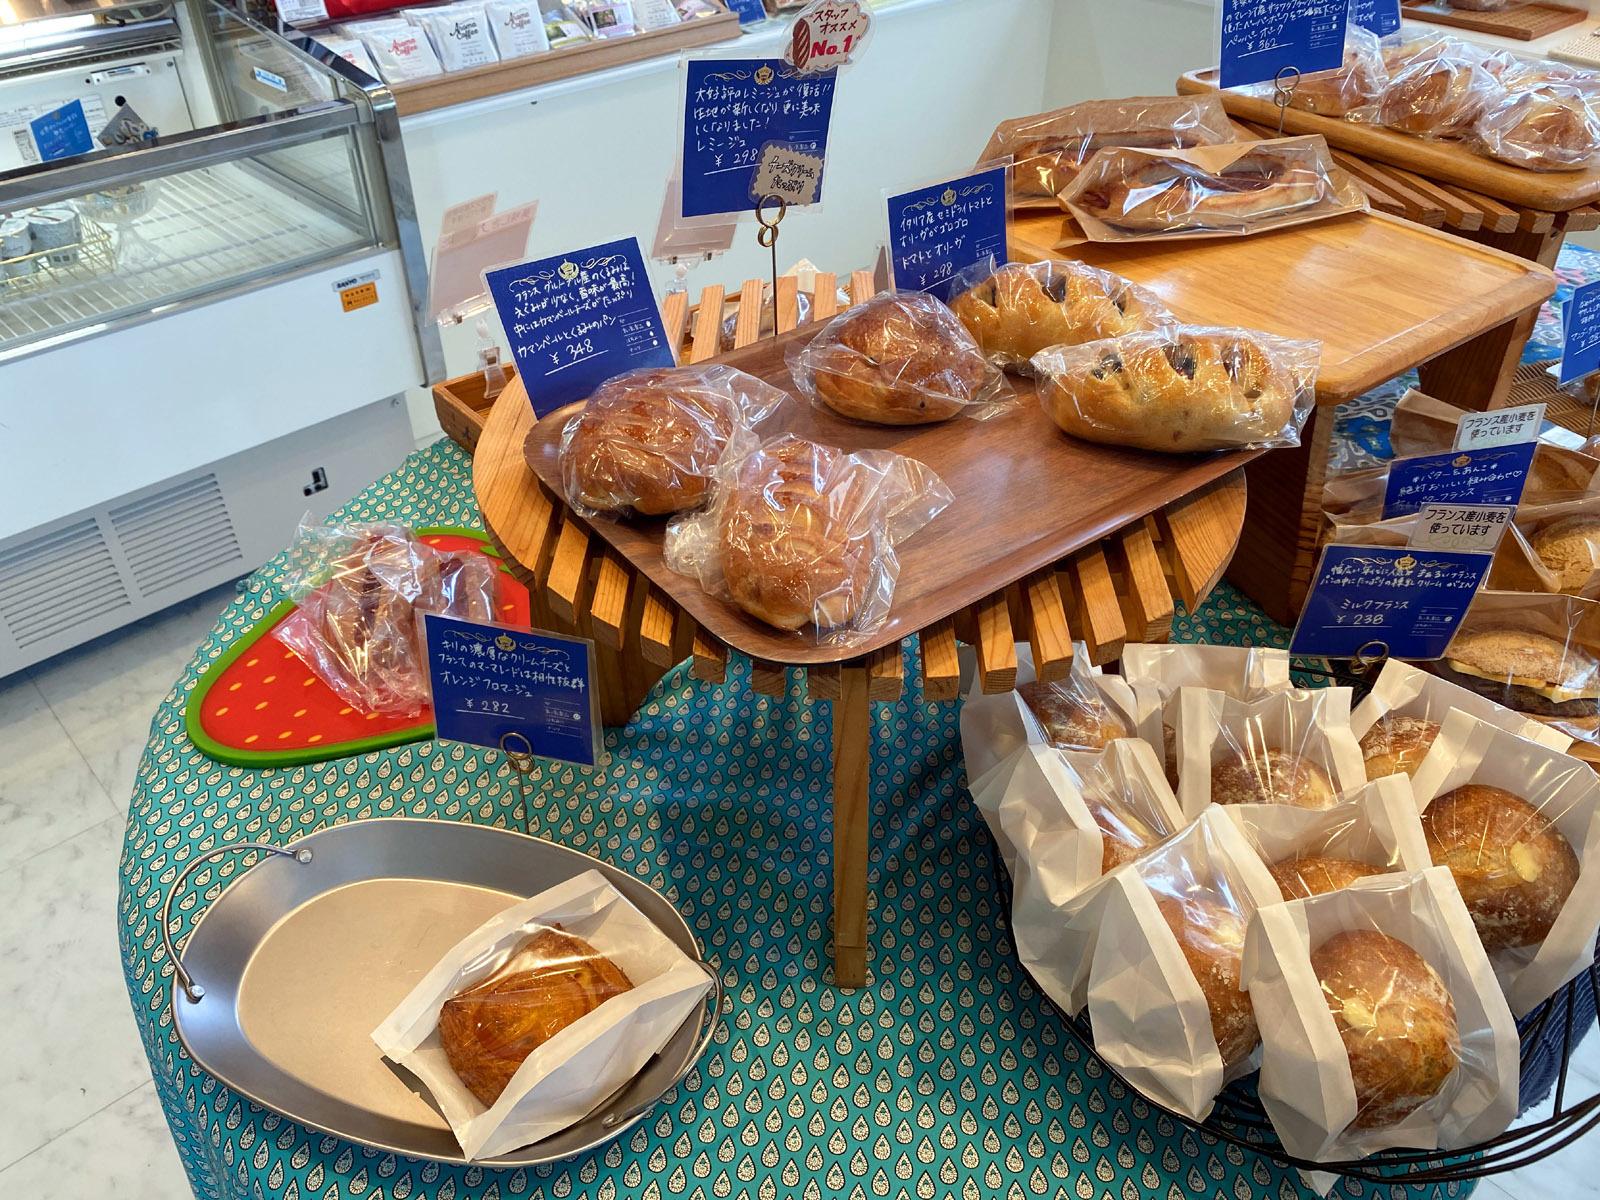 売り場の中央に並べられたパン